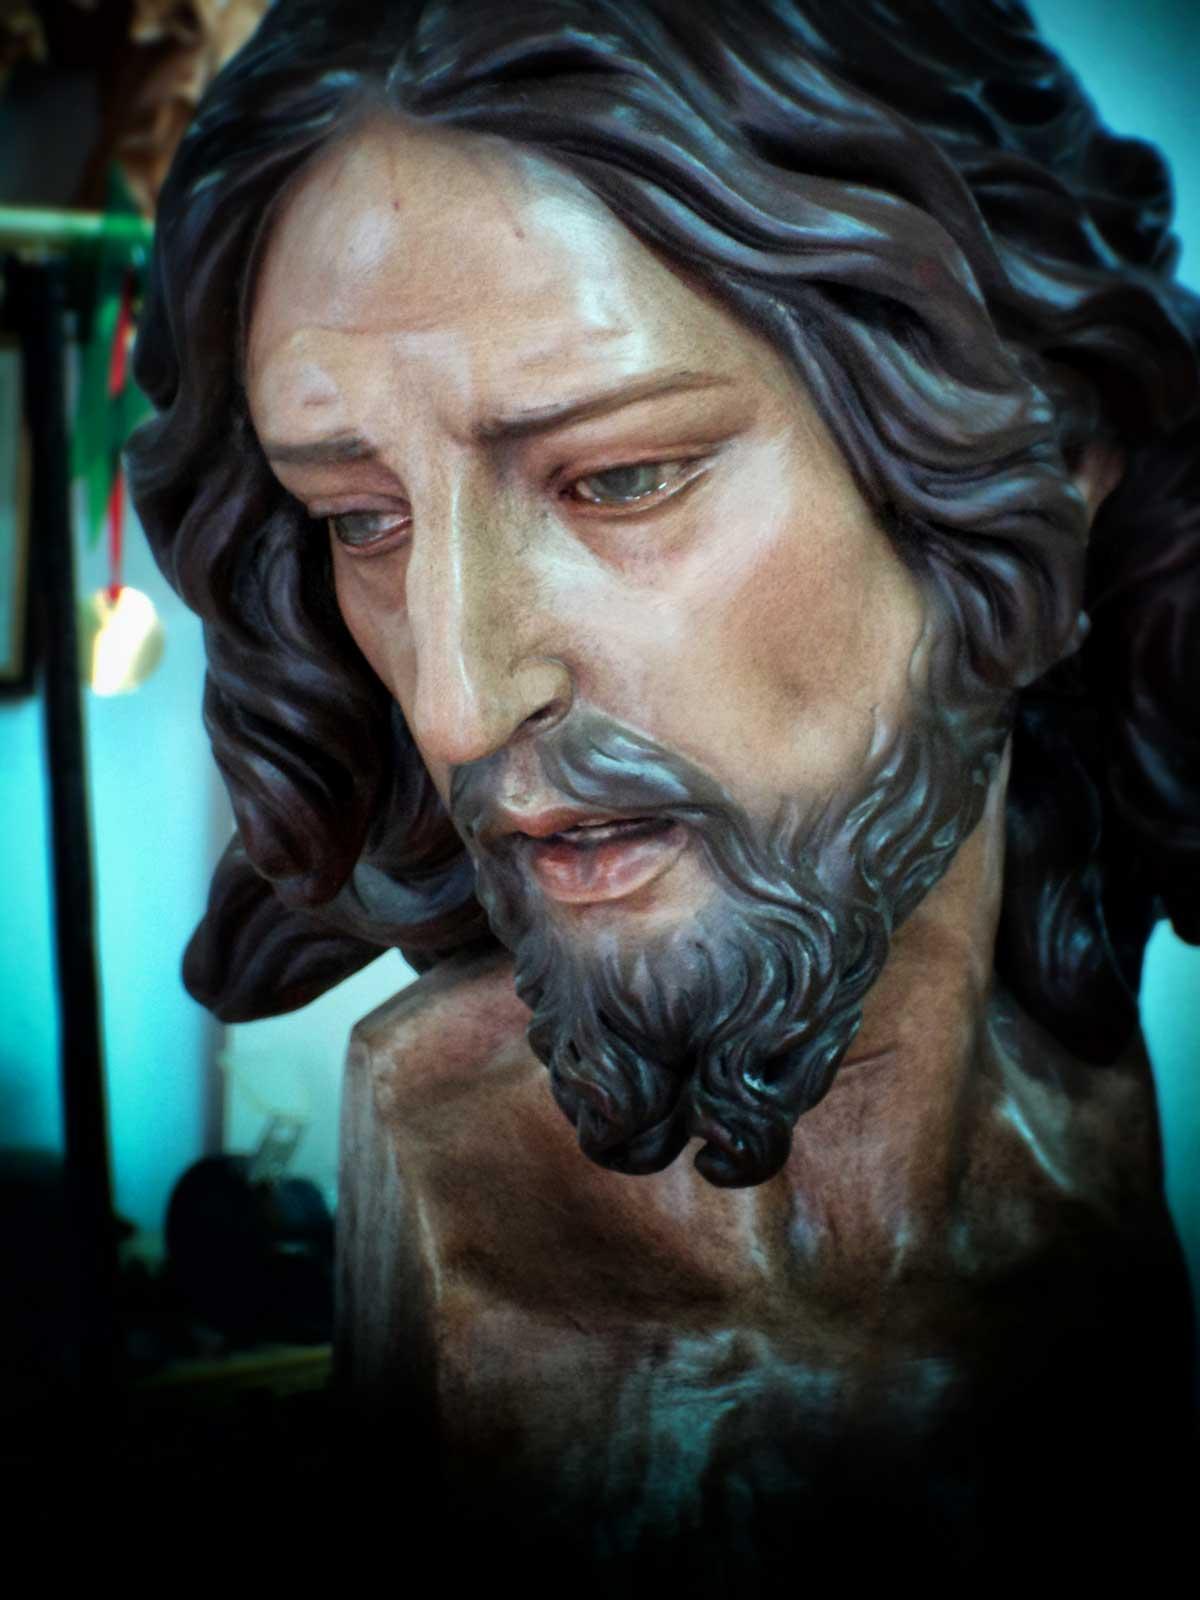 jesus-cautivo-para-bolanos-de-calatrava-ciudad-real-devocion-particular-1